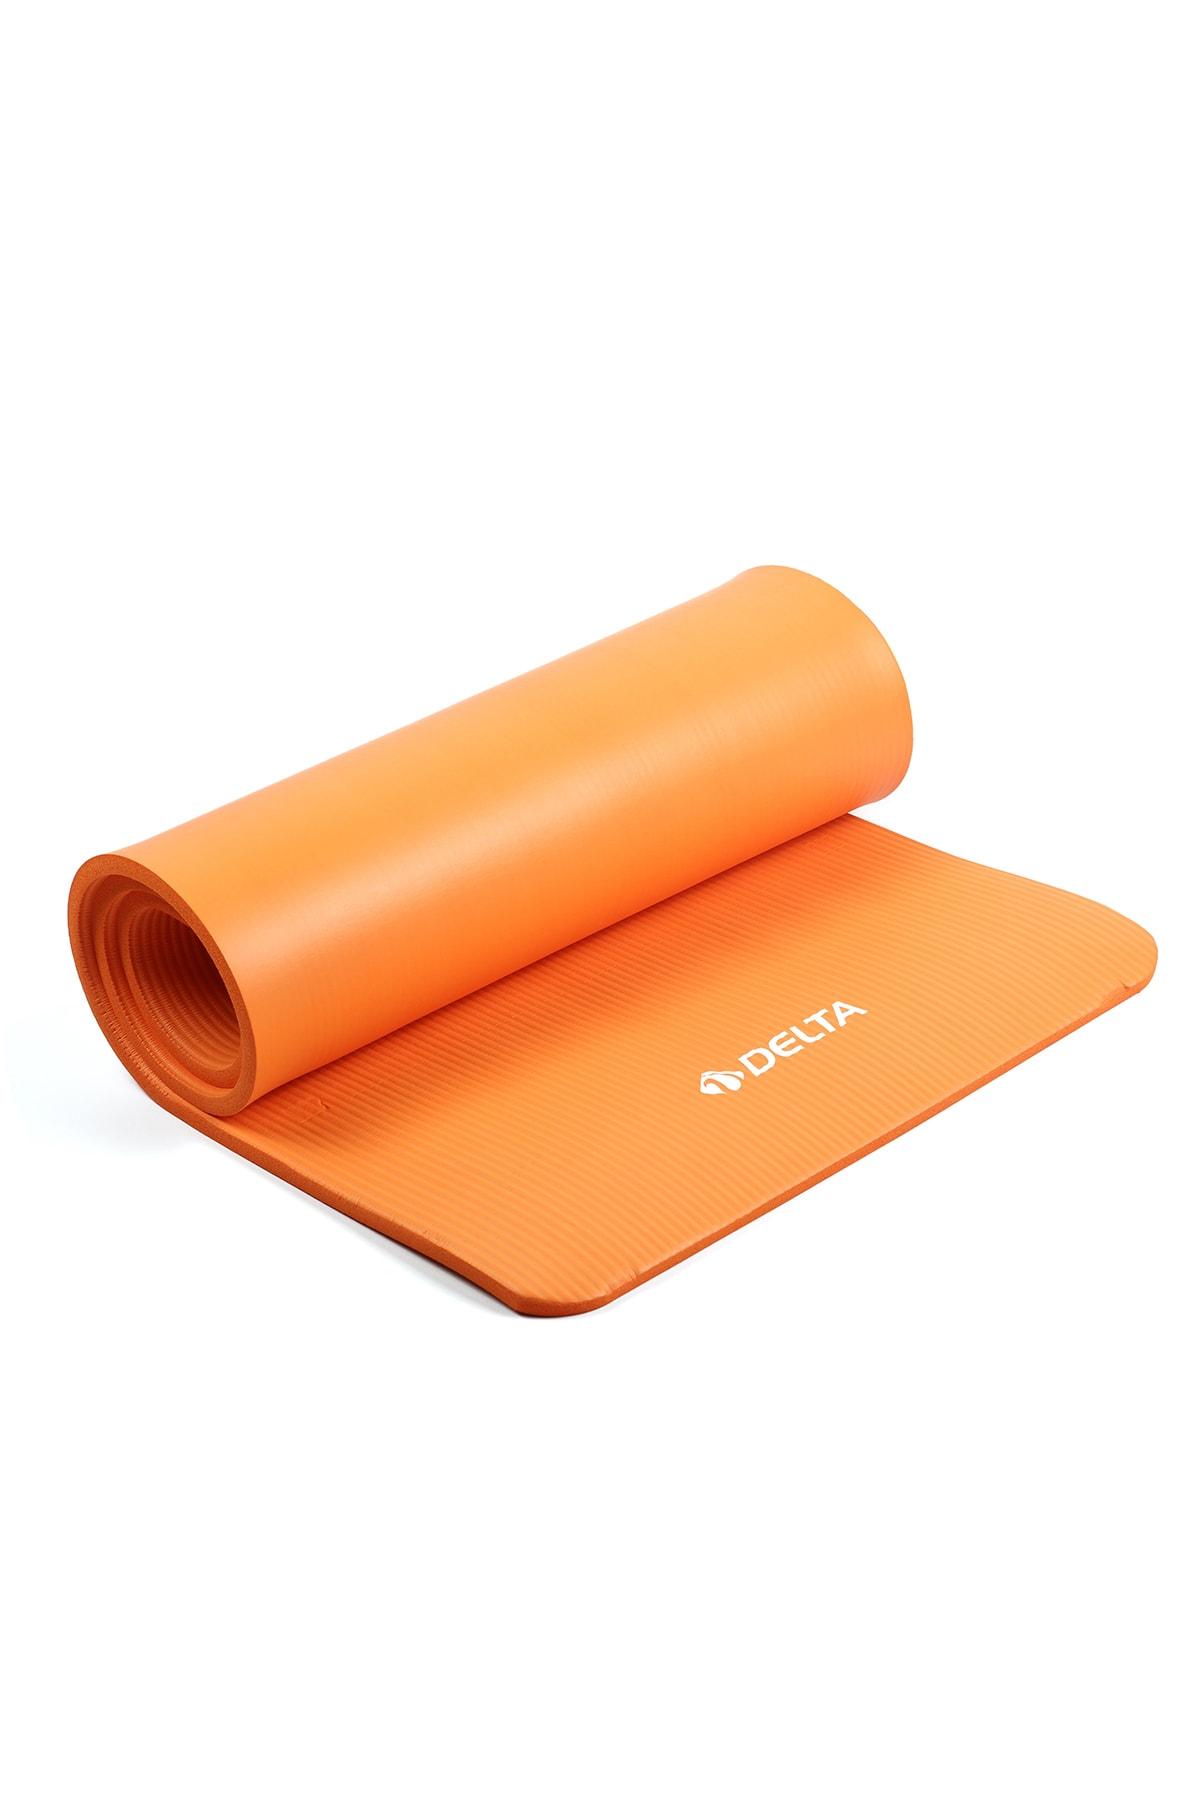 Delta Konfor Zemin Taşıma Askılı Pilates Minderi Yoga Matı 15 Mm 0